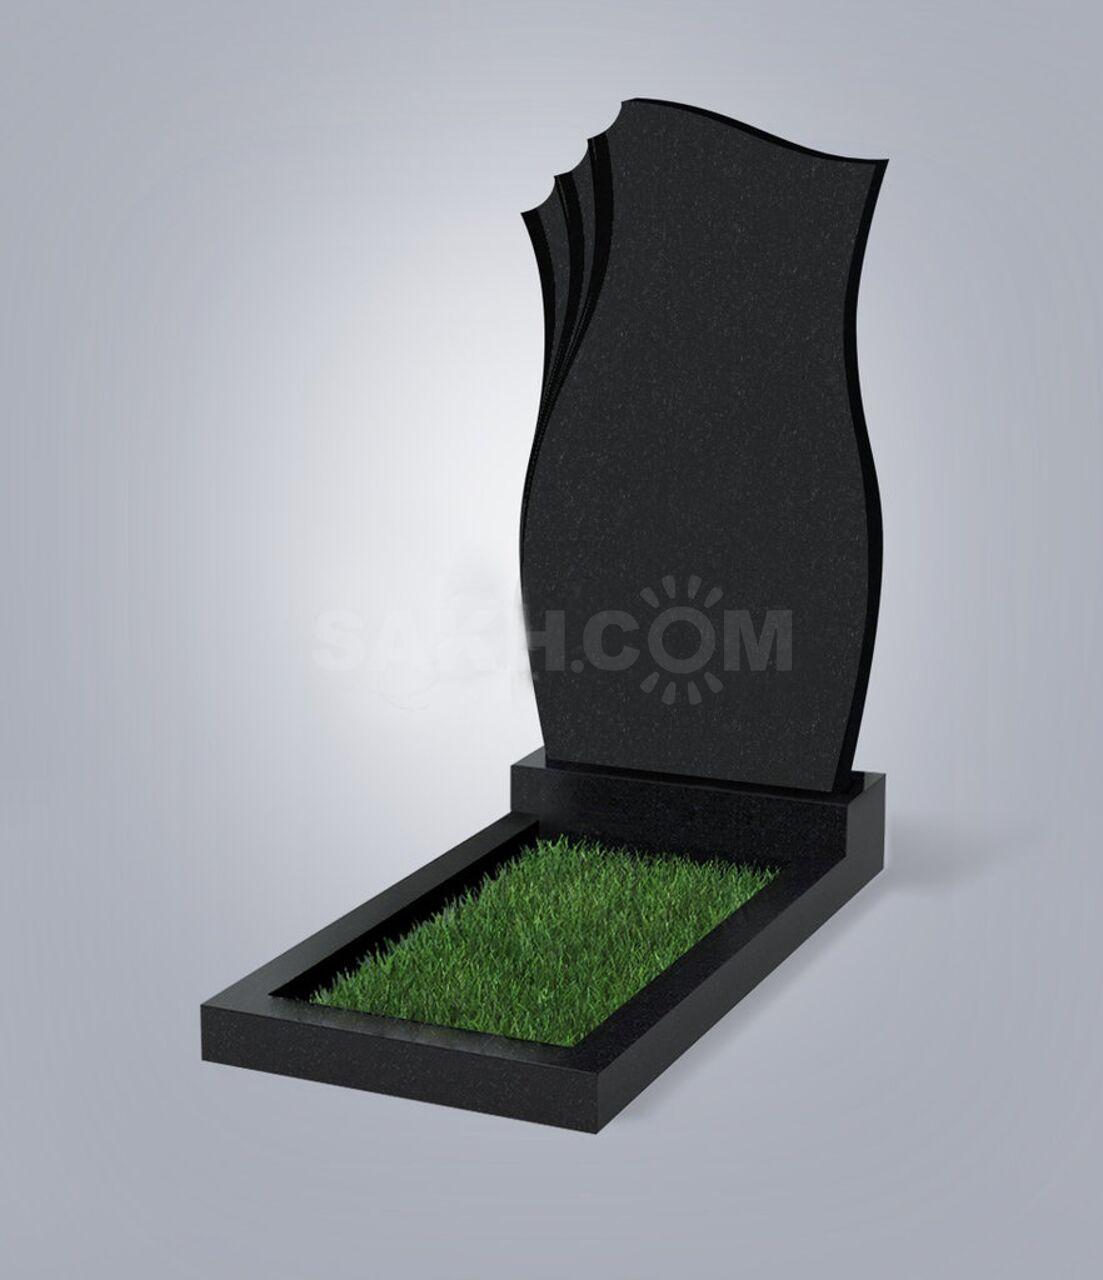 Цена на памятники с установкой о сахалин цены на памятники в рязани фото Майкоп